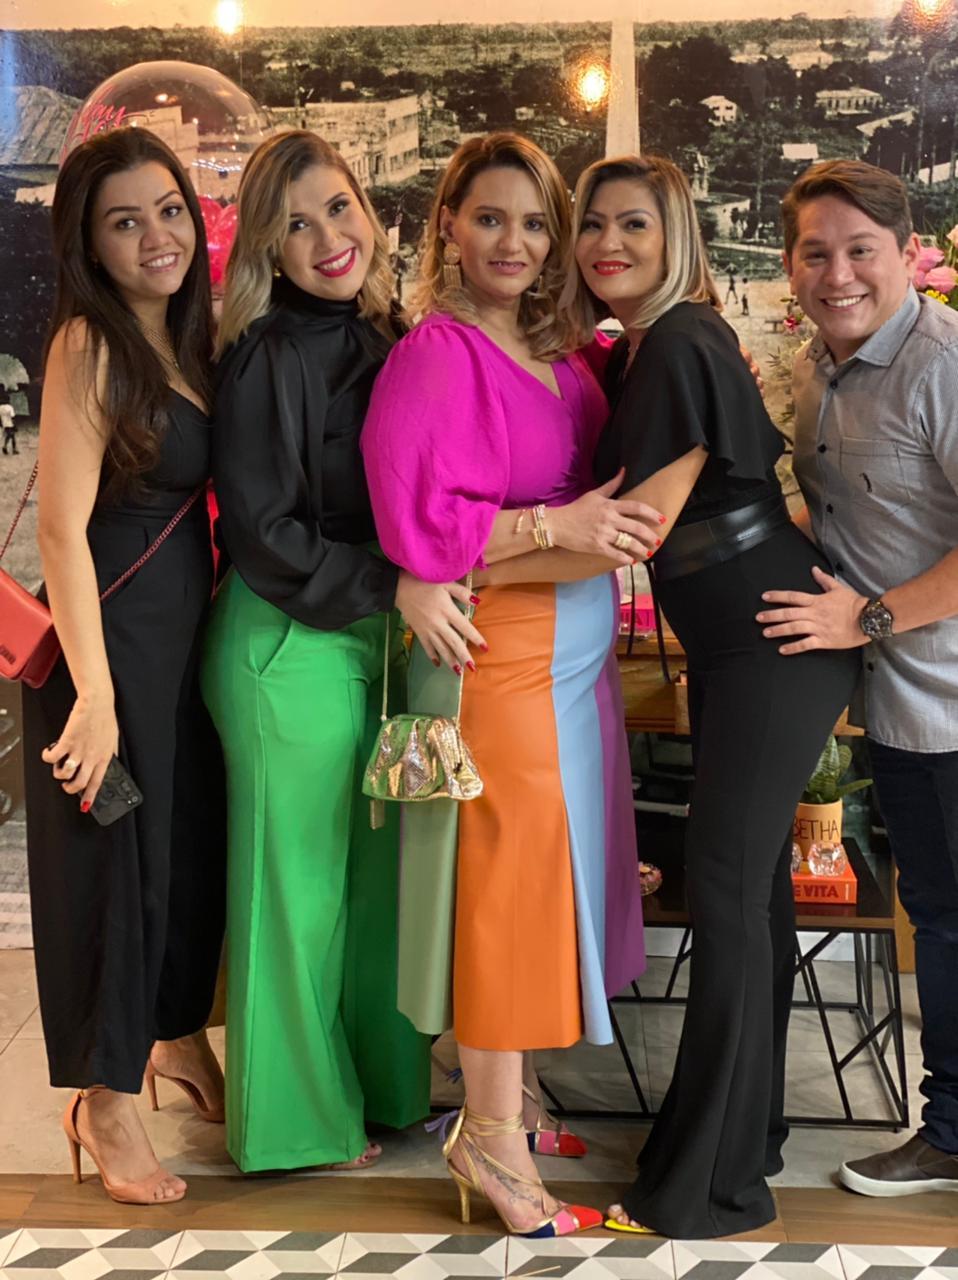 Ana Paula Batalha, Nara Karoline, Kelly Kley e Camilo Lima.